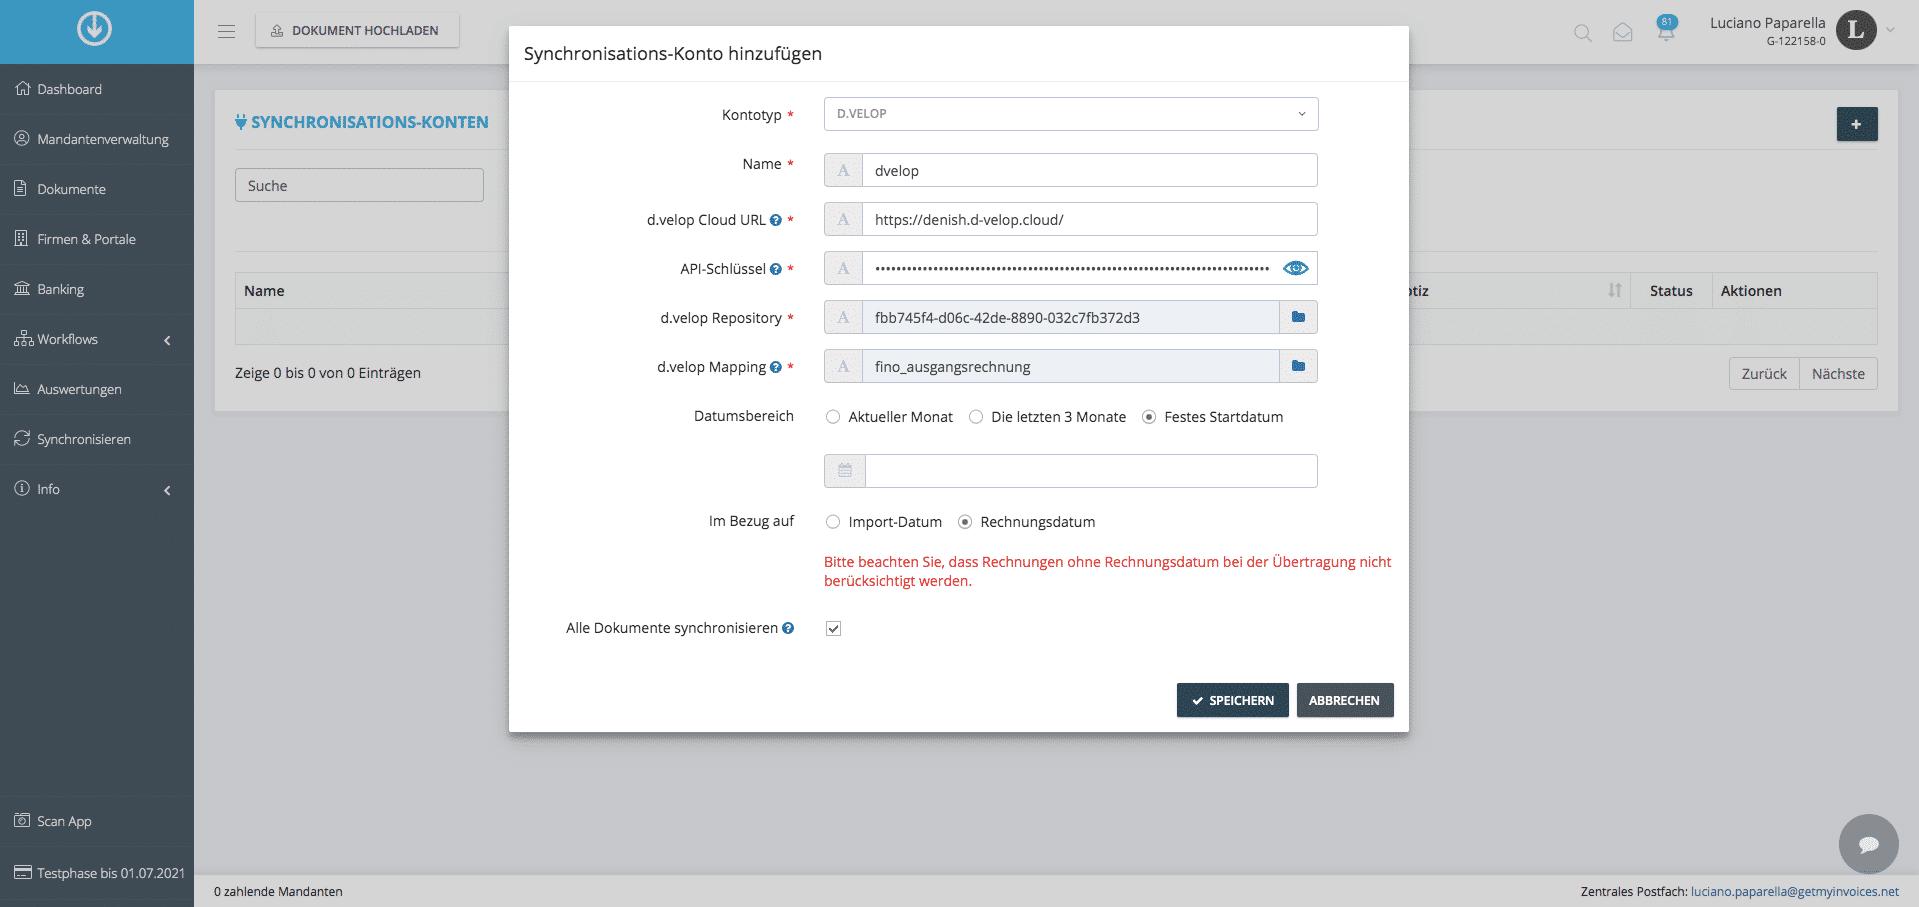 2. Dokumentenexport: Synchronisierungseinstellungen hinzufügen